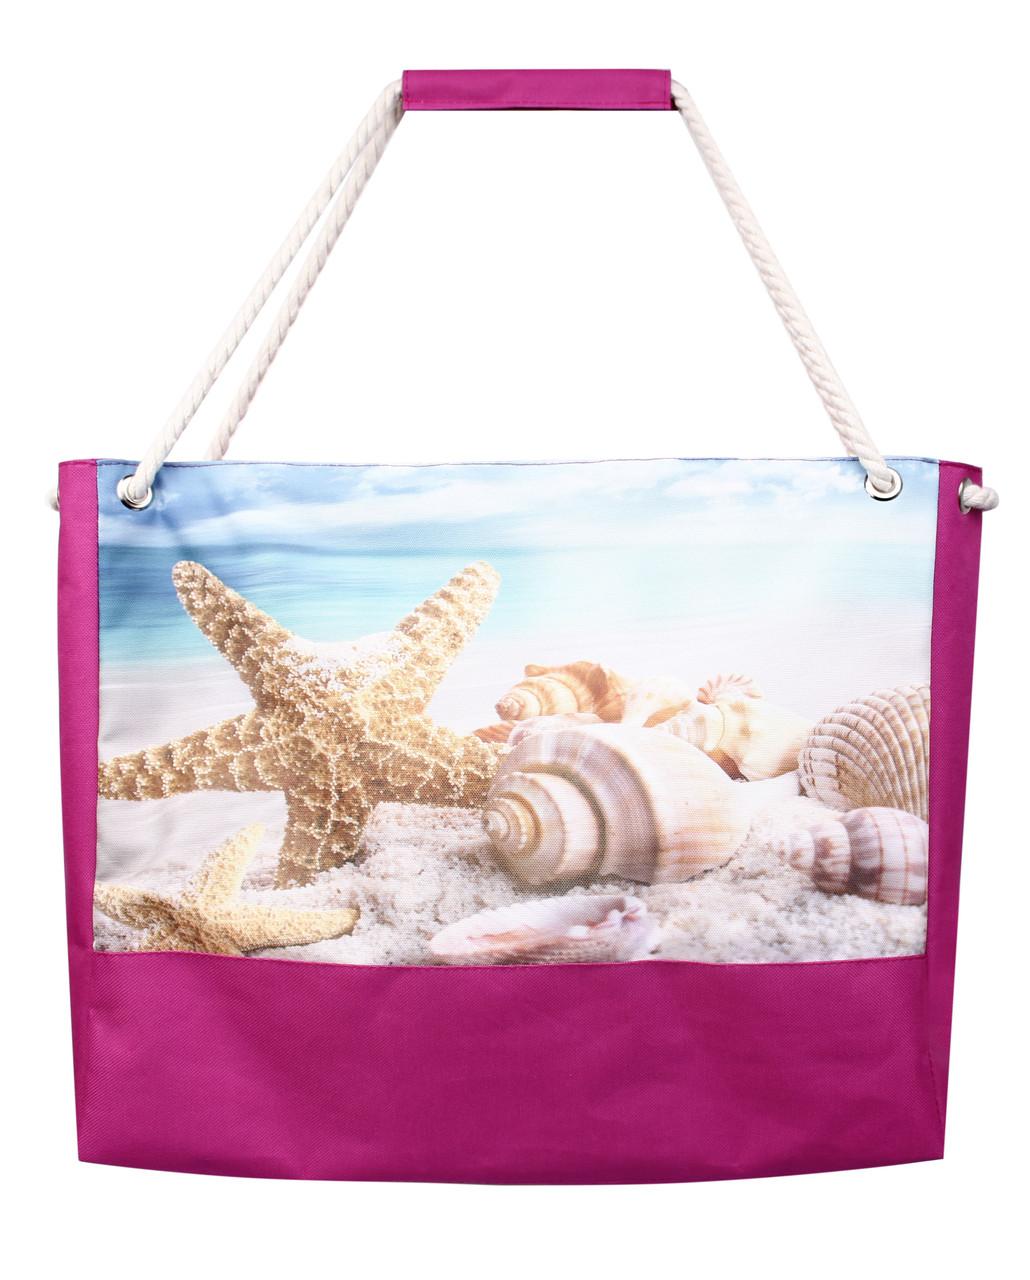 c628ed248ddd Большая малиновая пляжная сумка, цена 262 грн., купить в Одессе ...